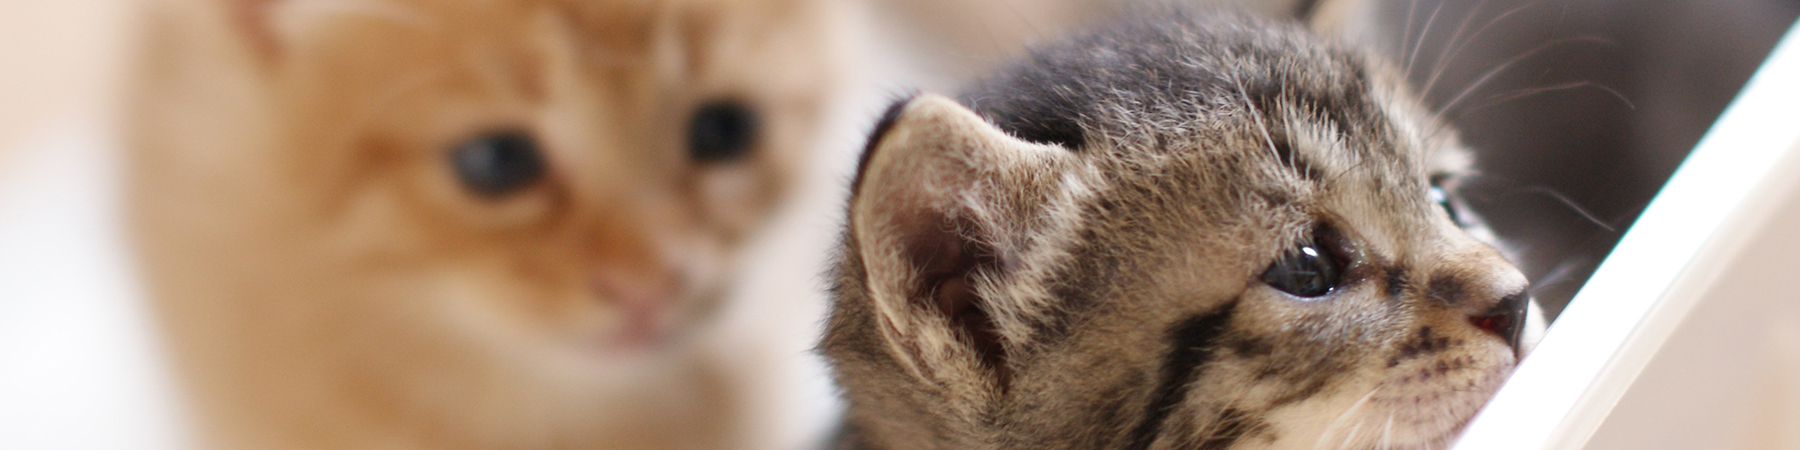 日本生活環境支援協会 | 犬・猫ペットブリーダー認定試験